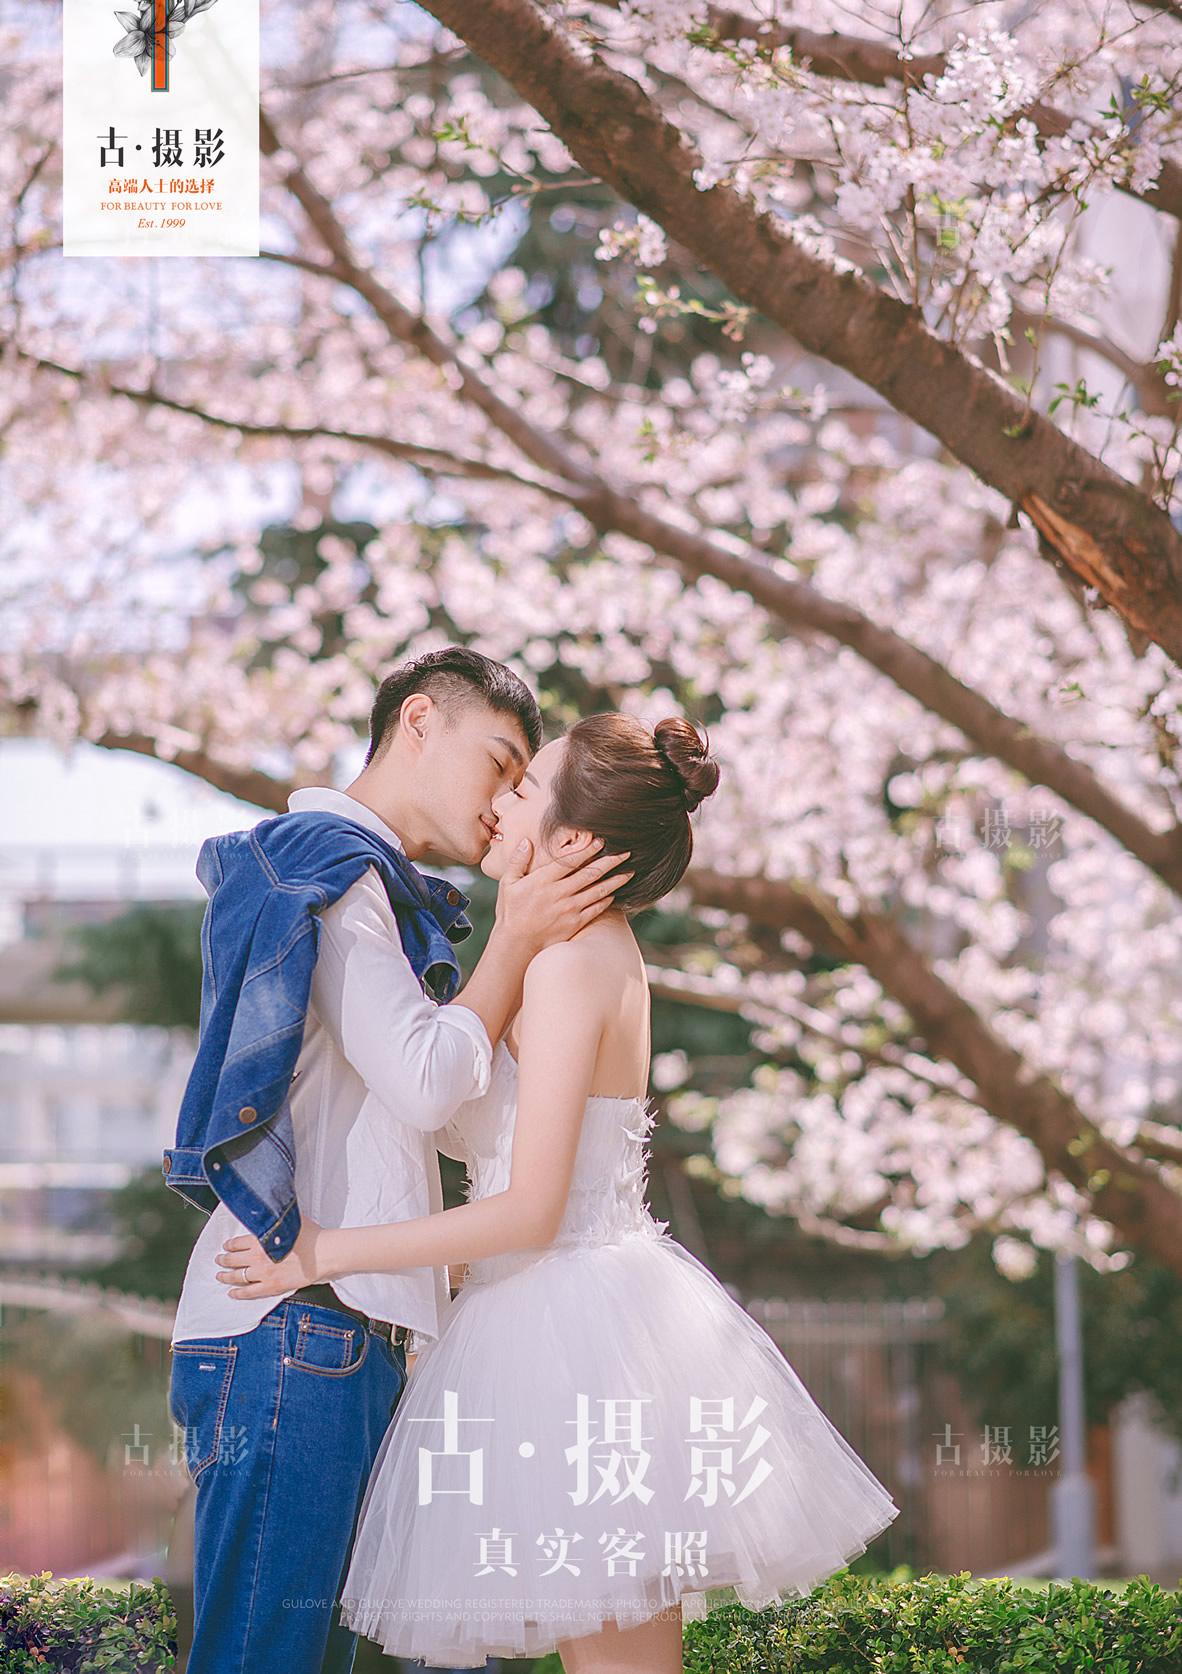 5月13日客片傅先生 邬小姐 - 每日客照 - love上海古摄影-上海婚纱摄影网